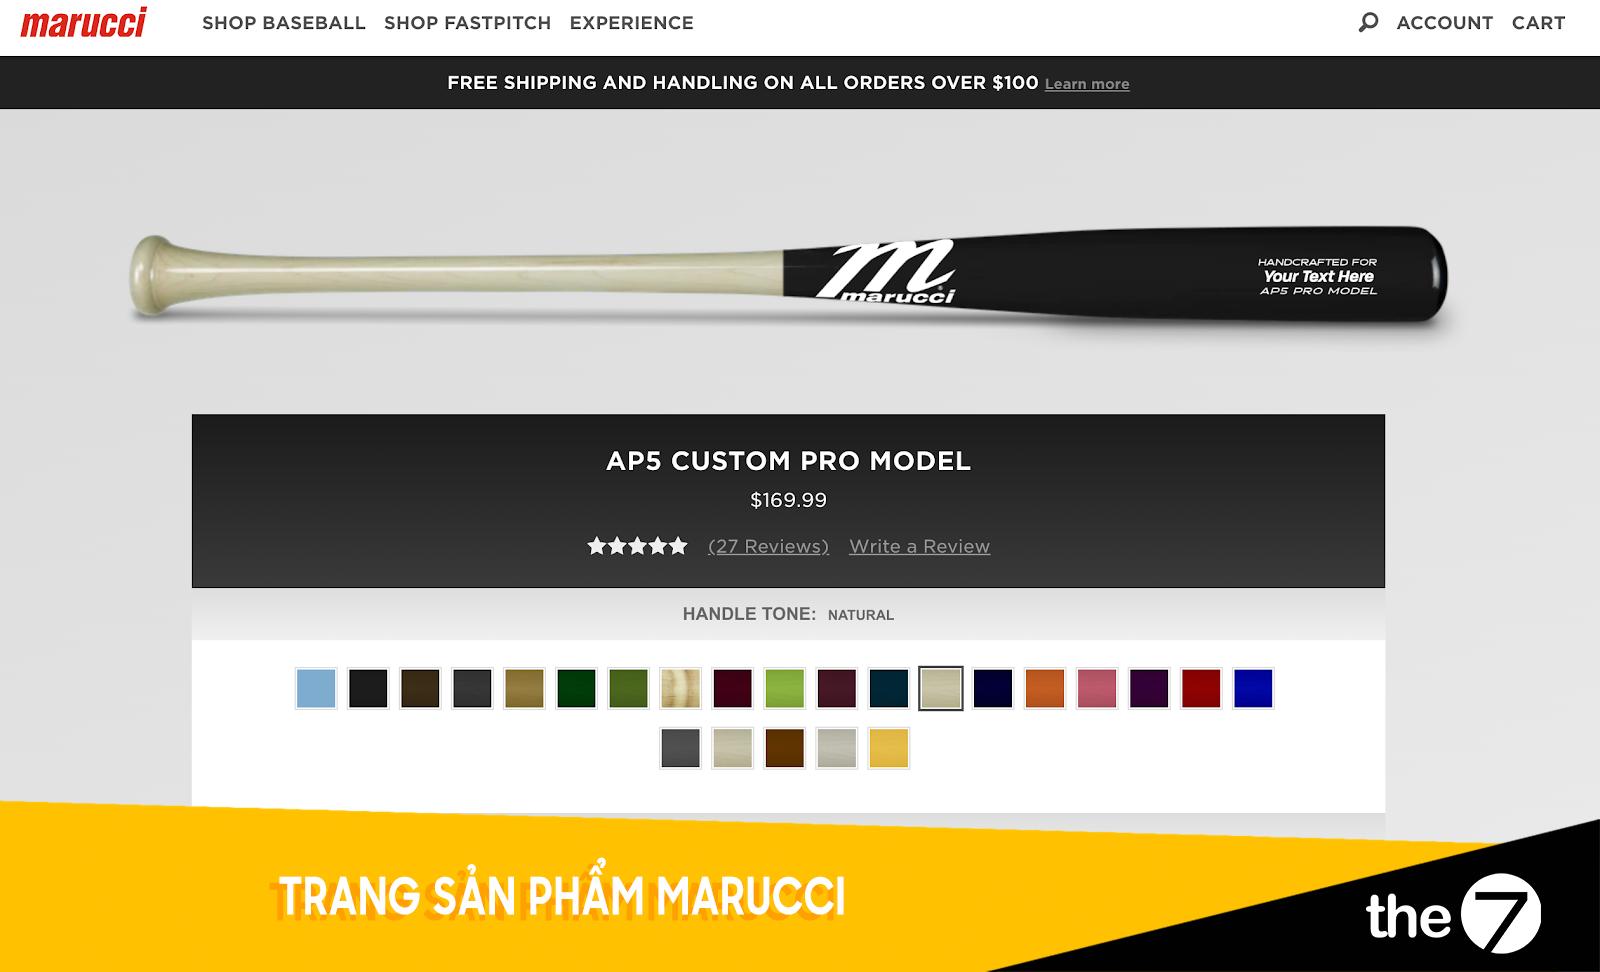 Thiết kế website bán hàng - Trang bán hàng Marucci